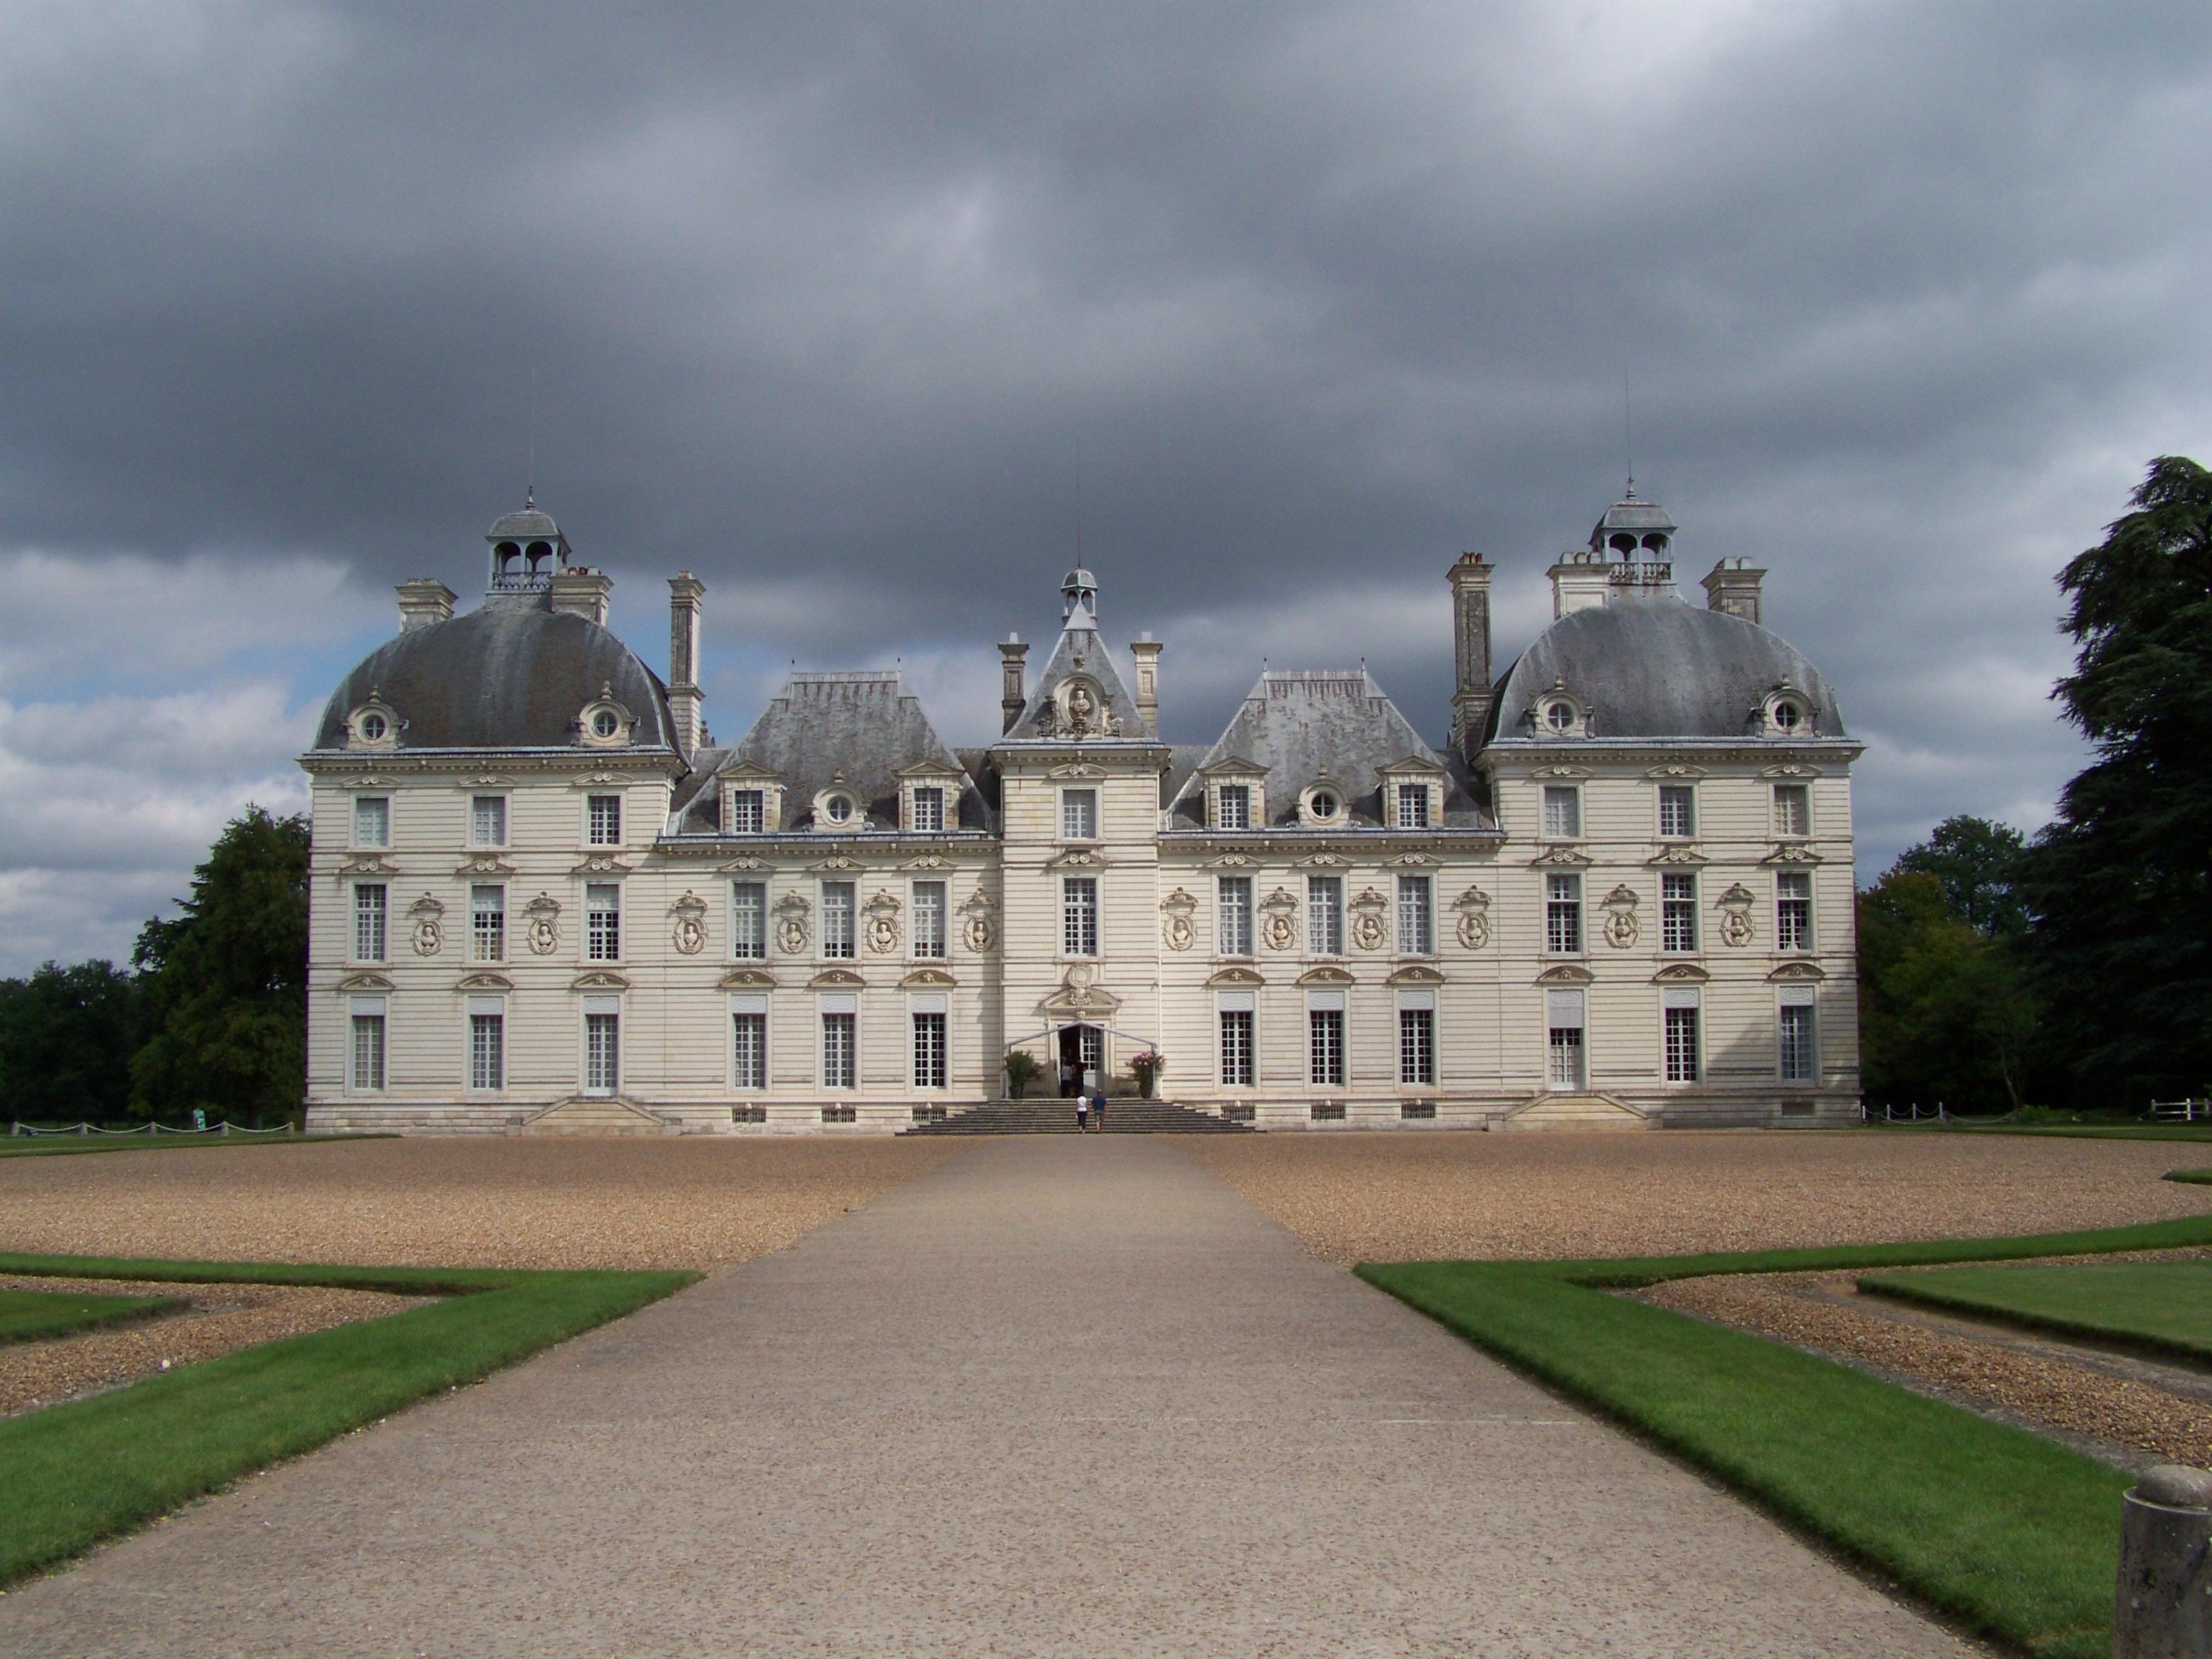 Un Chateau Dans Les Nuages file:des nuages dans le ciel de cheverny - wikimedia commons